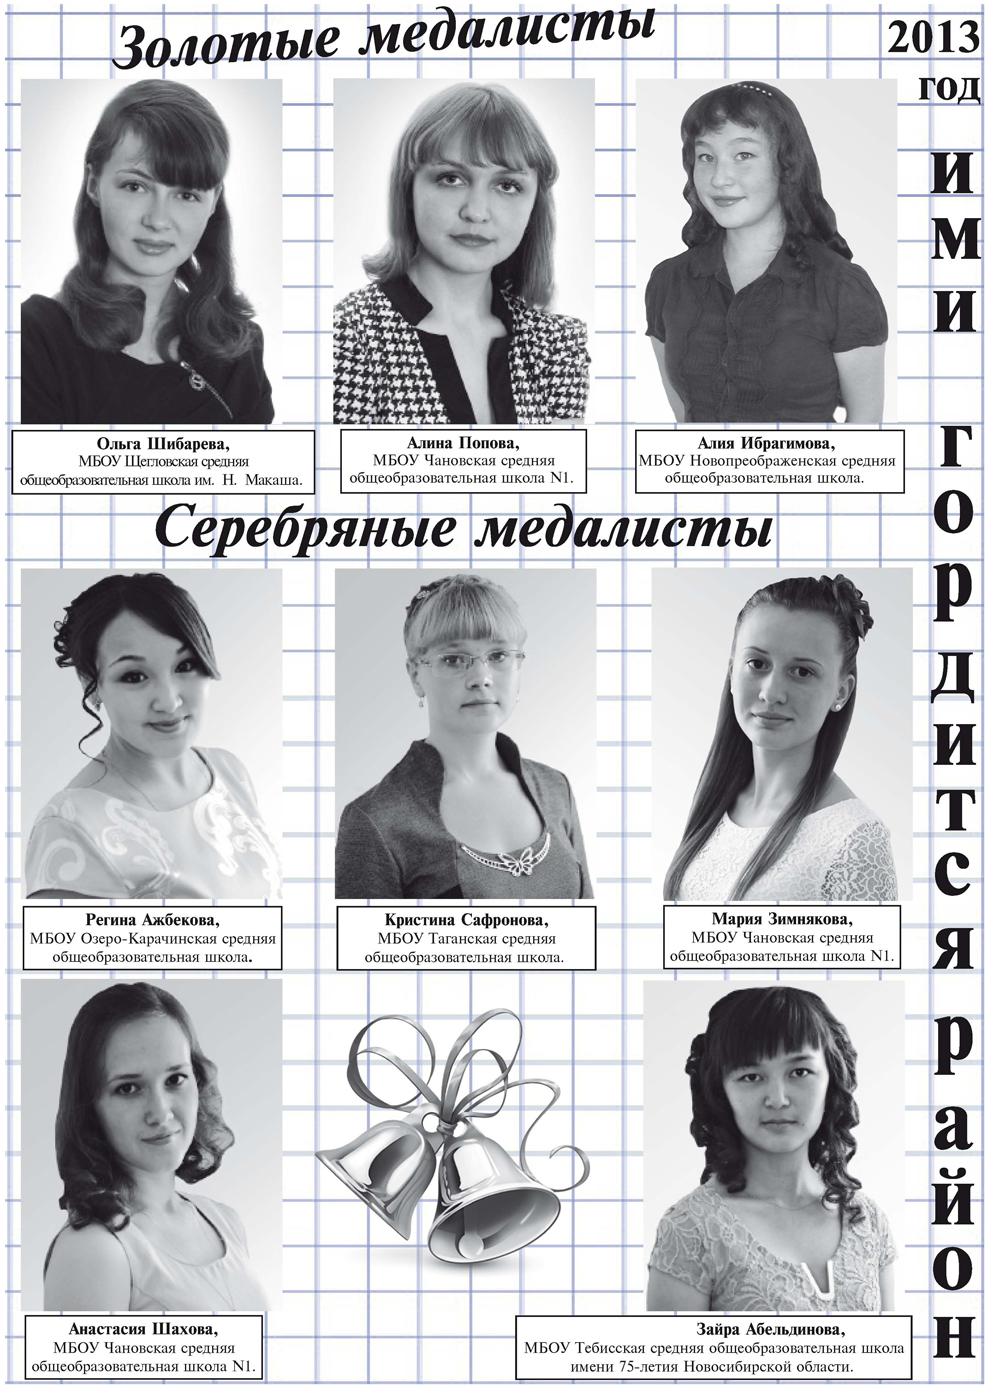 медалисты - 2013-2